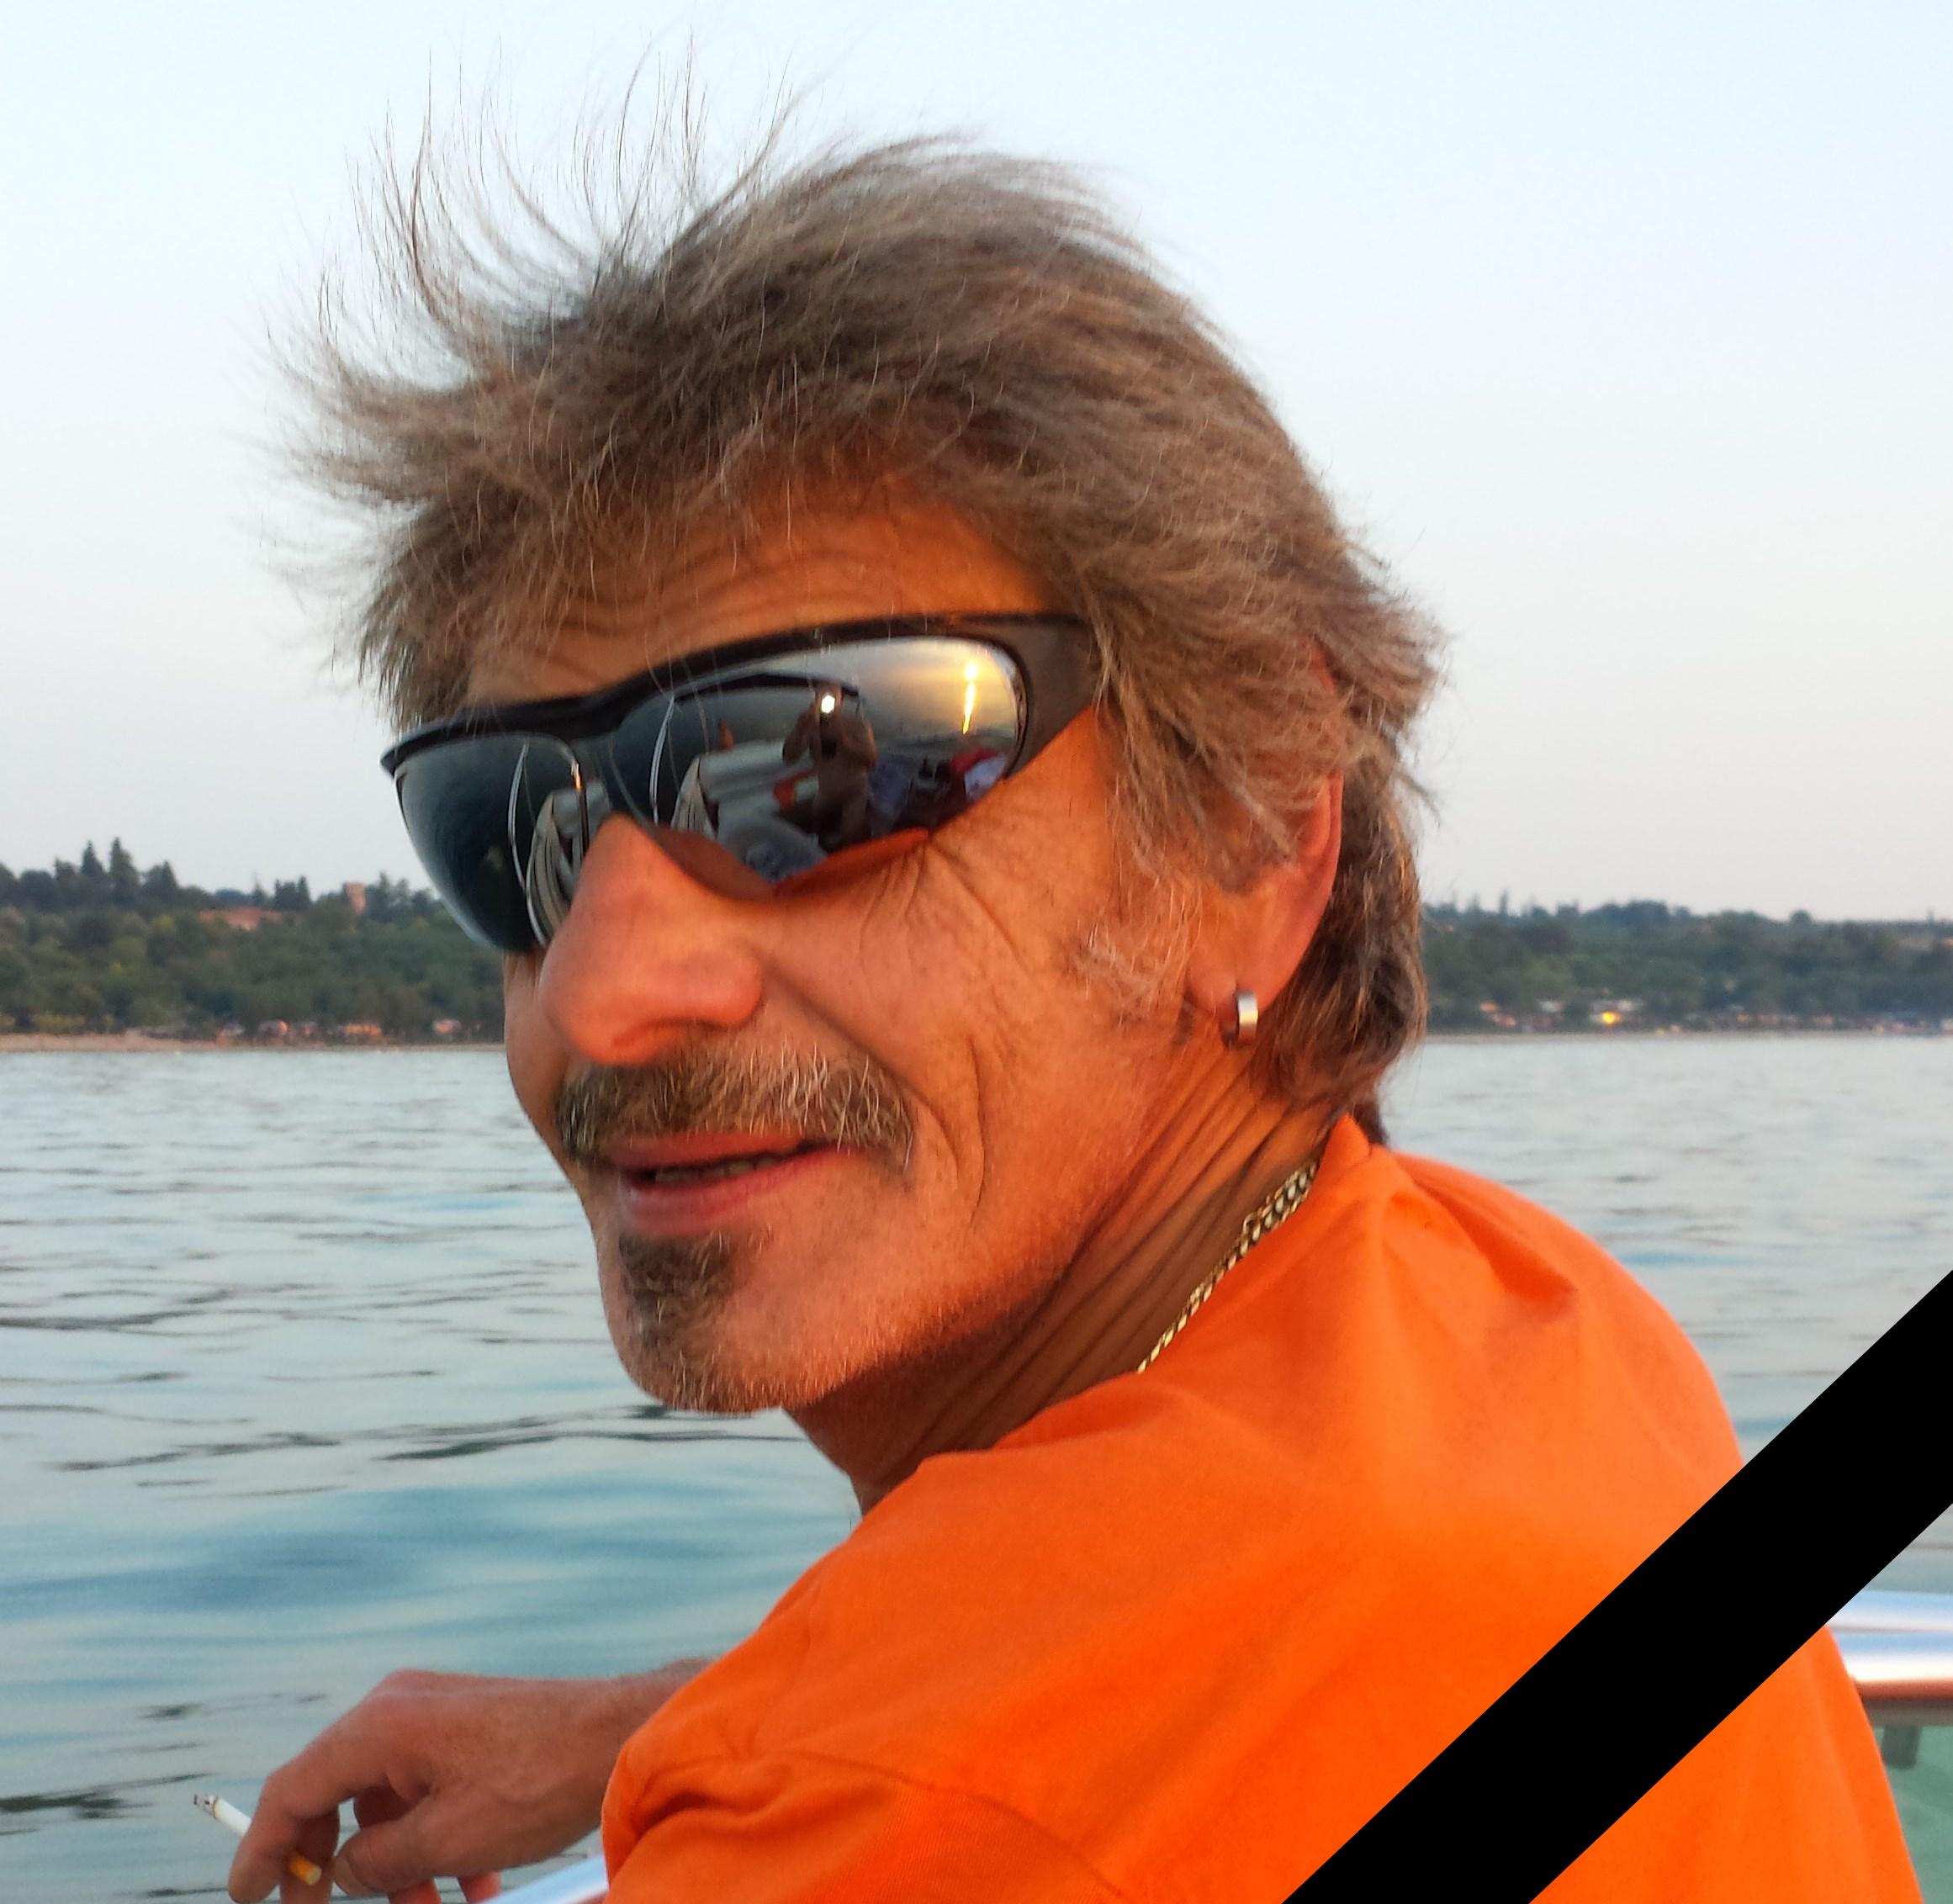 Leider müssen wir mit großem Bedauern mitteilen, dass unser Lederhosenmitglied Gerhard Schimon am 27.04.2017 überraschend im Alter von 54 Jahren viel zu früh verstorben ist. Unser Beileid gilt seinen zwei…